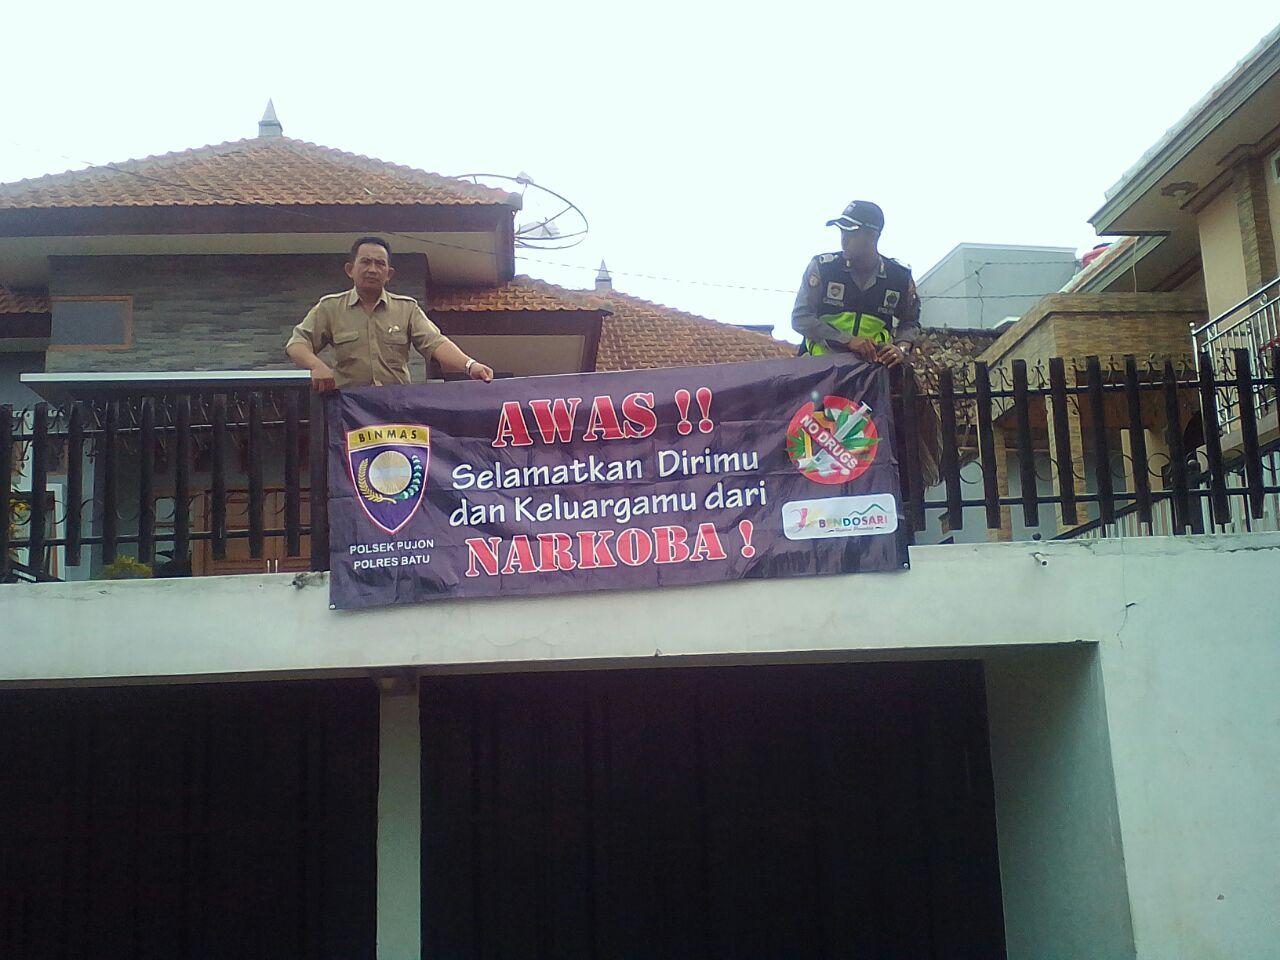 Bhabinkamtibmas Polsek Pujon Polres Batu Pasang Banner Bahaya Narkoba